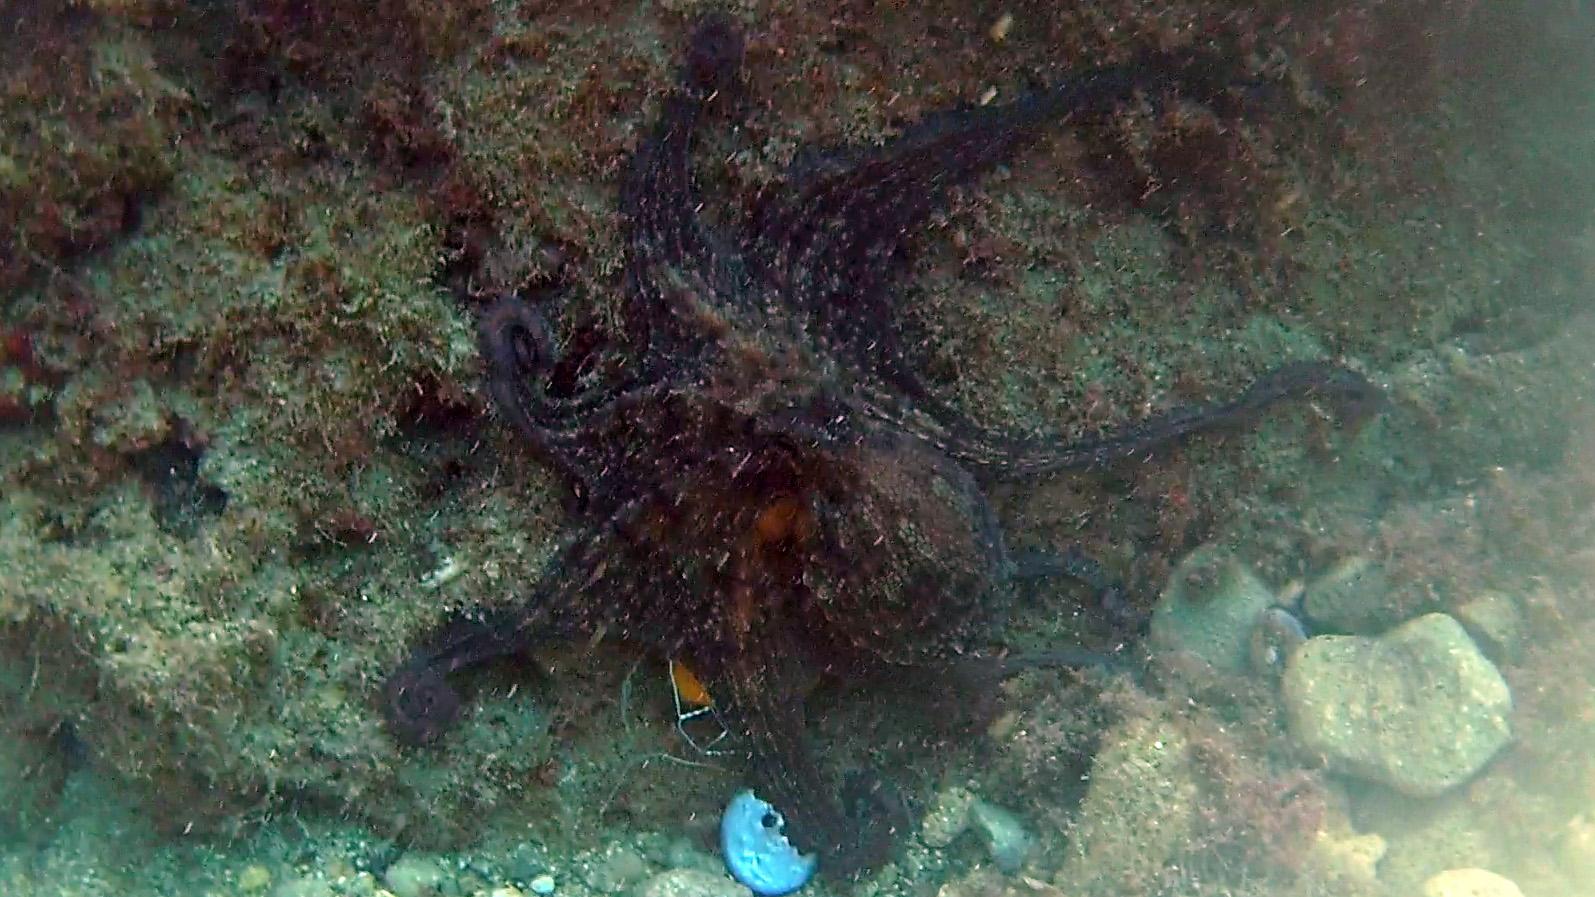 Polpo - Octopus vulgaris